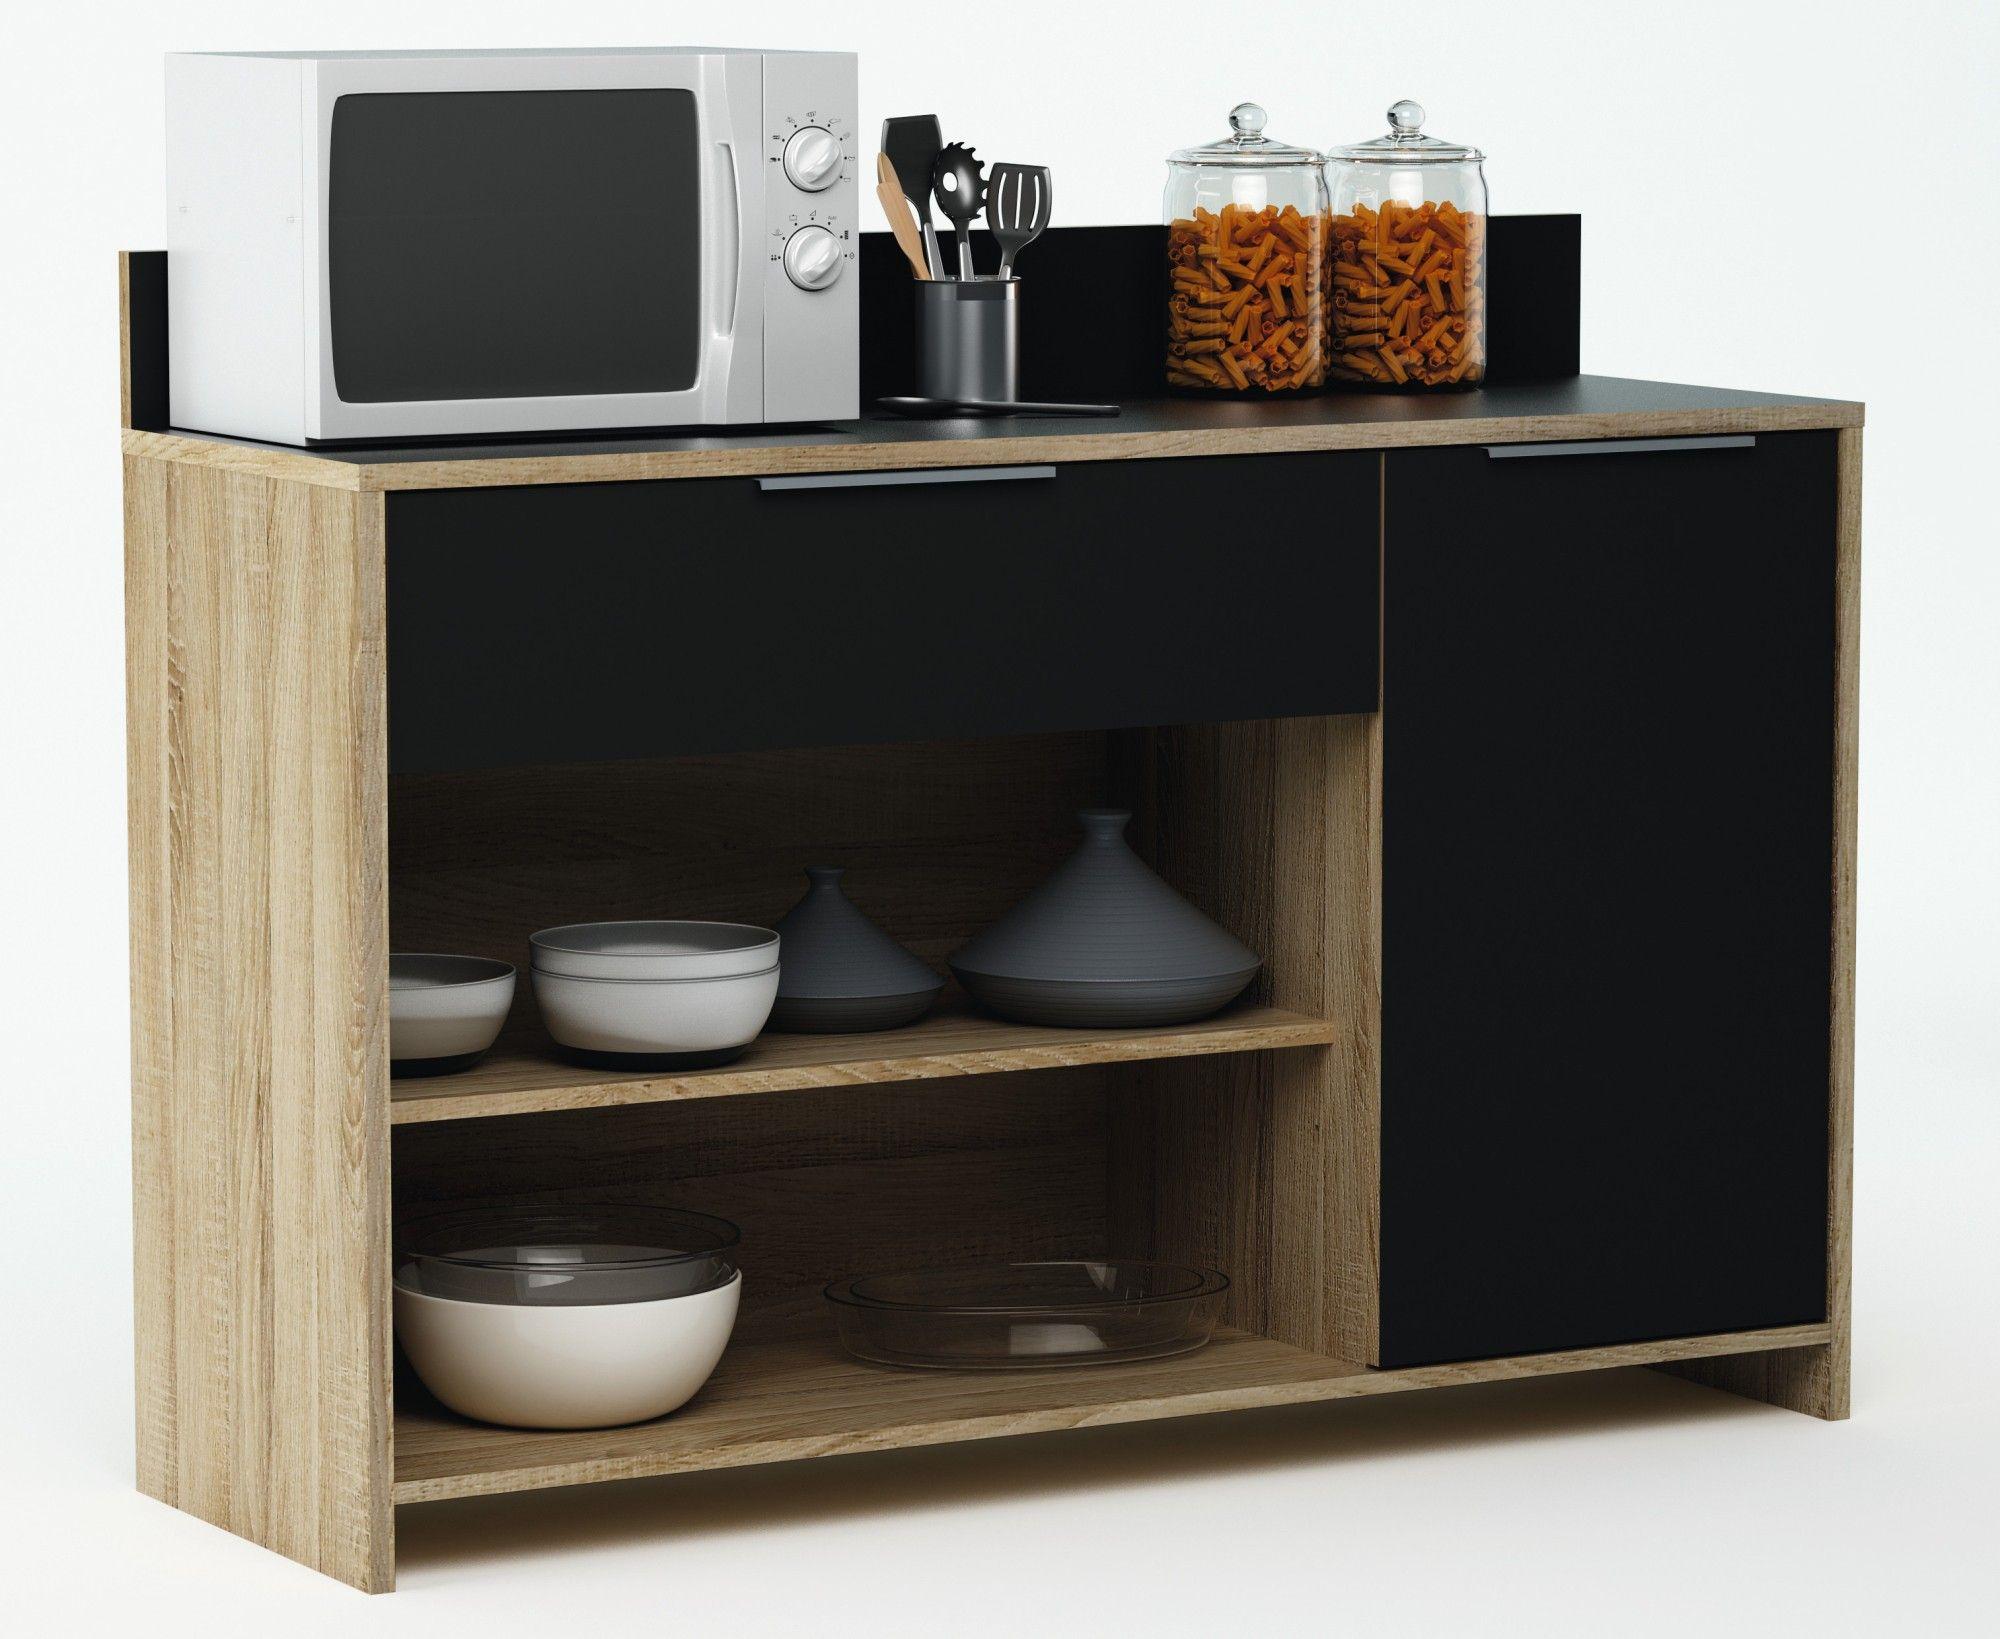 étonnant meuble de rangement de cuisine  Meuble cuisine, Meuble